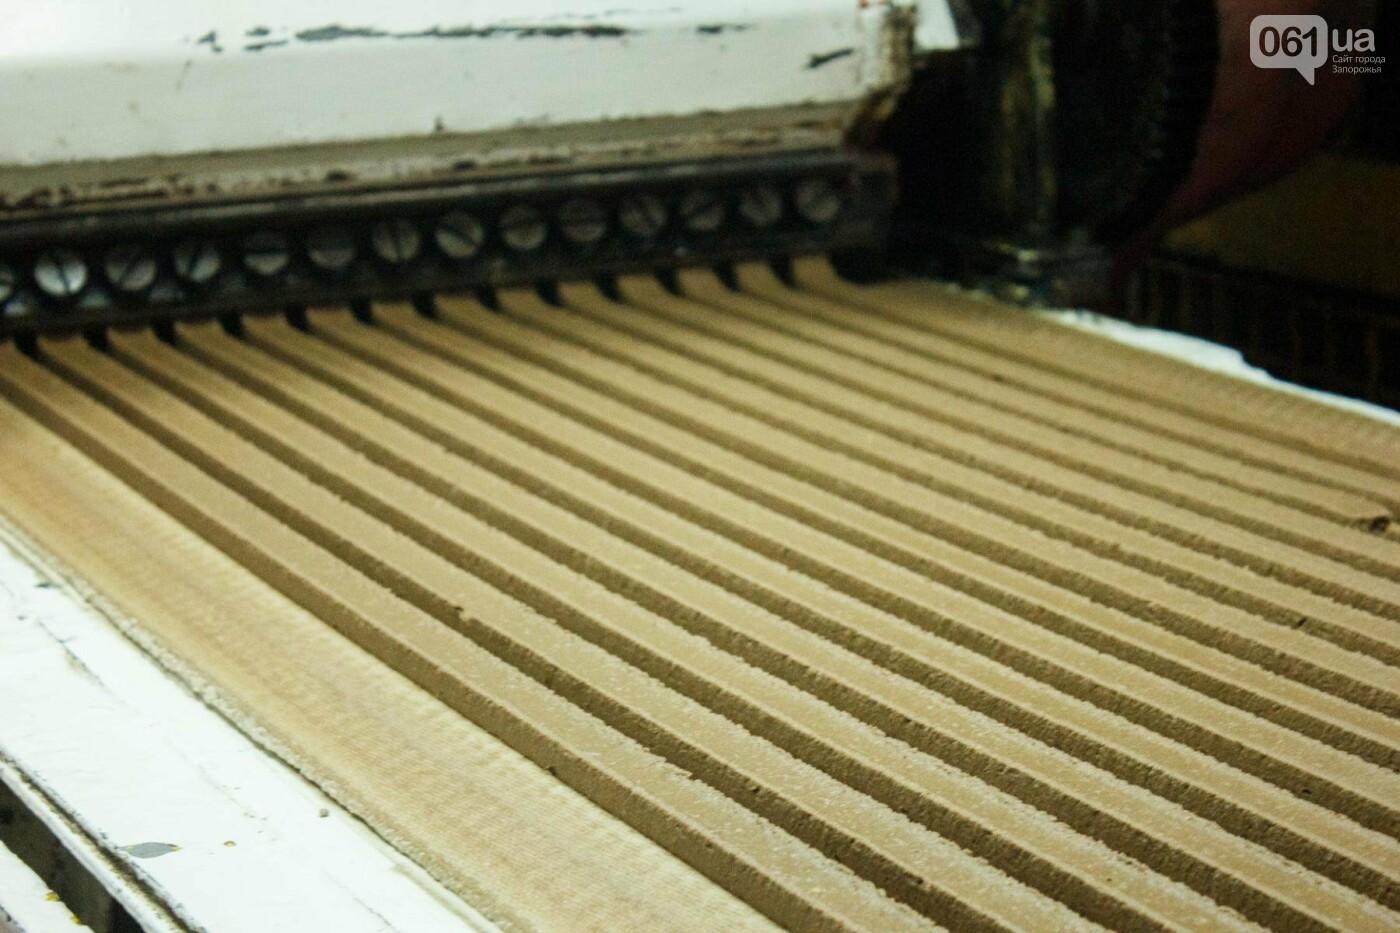 Как в Запорожье делают конфеты: экскурсия на кондитерскую фабрику, – ФОТОРЕПОРТАЖ, фото-1